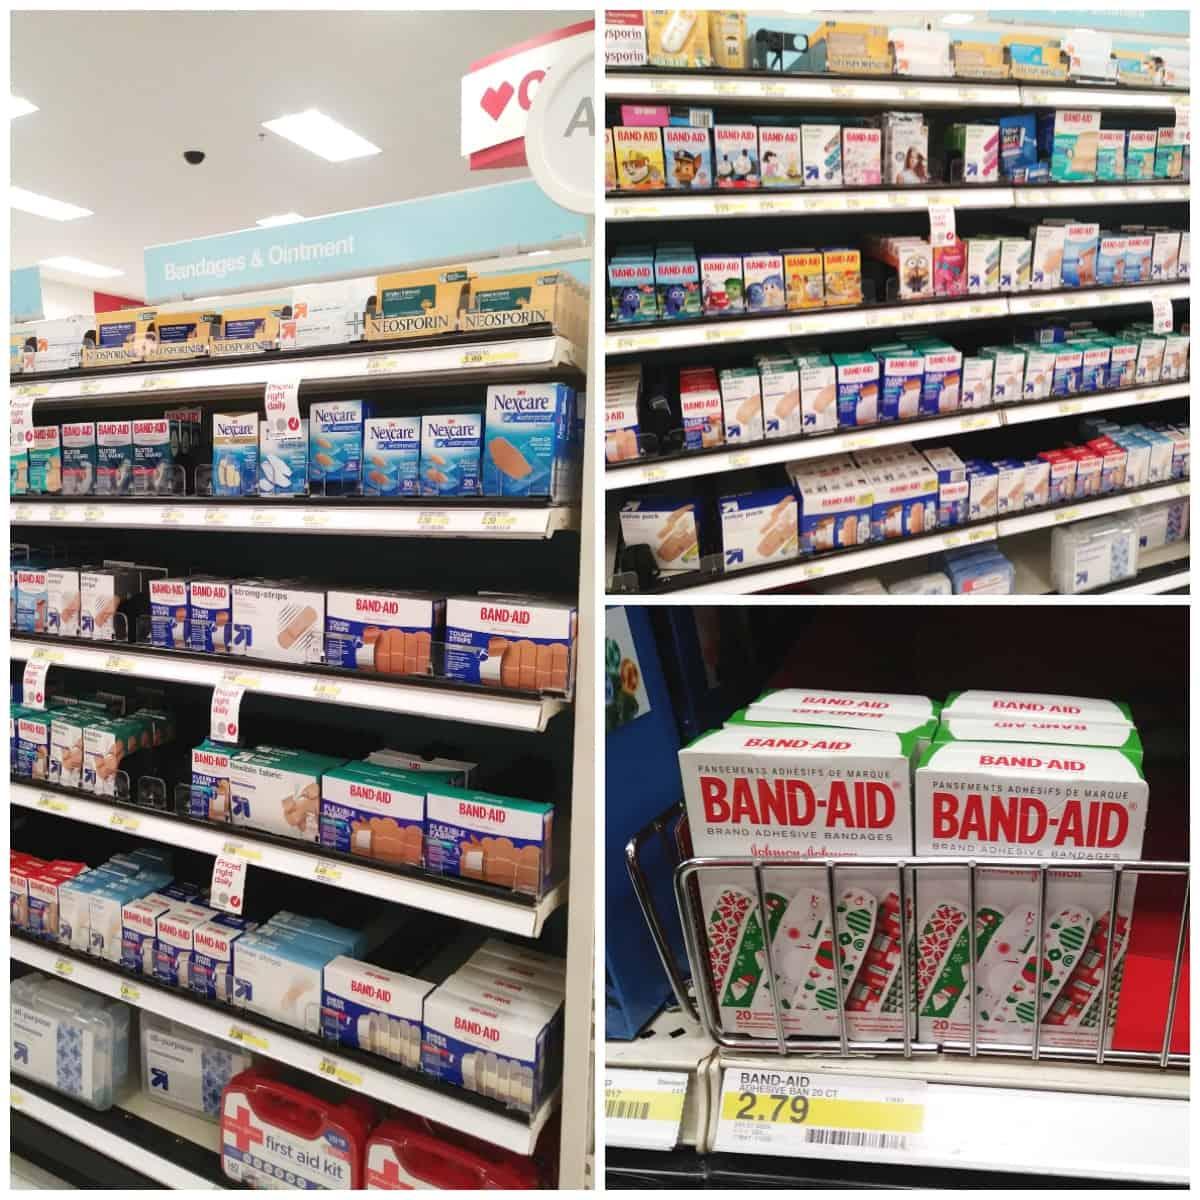 BAND-AID® Brand Adhesive Bandages at Target